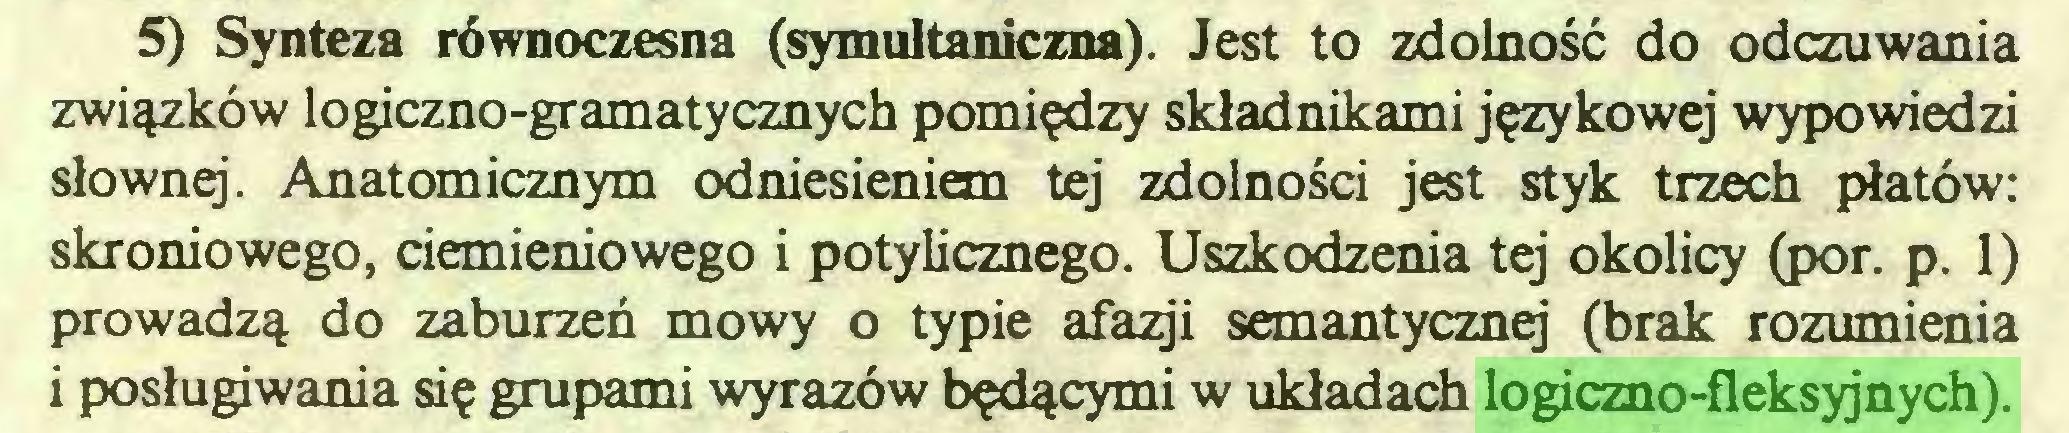 (...) 5) Synteza równoczesna (symultaniczna). Jest to zdolność do odczuwania związków logiczno-gramatycznych pomiędzy składnikami językowej wypowiedzi słownq. Anatomicznym odniesieniem tej zdolności jest styk trzech płatów: skroniowego, ciemieniowego i potylicznego. Uszkodzenia tej okolicy (por. p. 1) prowadzą do zaburzeń mowy o typie afazji semantycznej (brak rozumienia i posługiwania się grupami wyrazów będącymi w układach logiczno-fleksyjnych)...